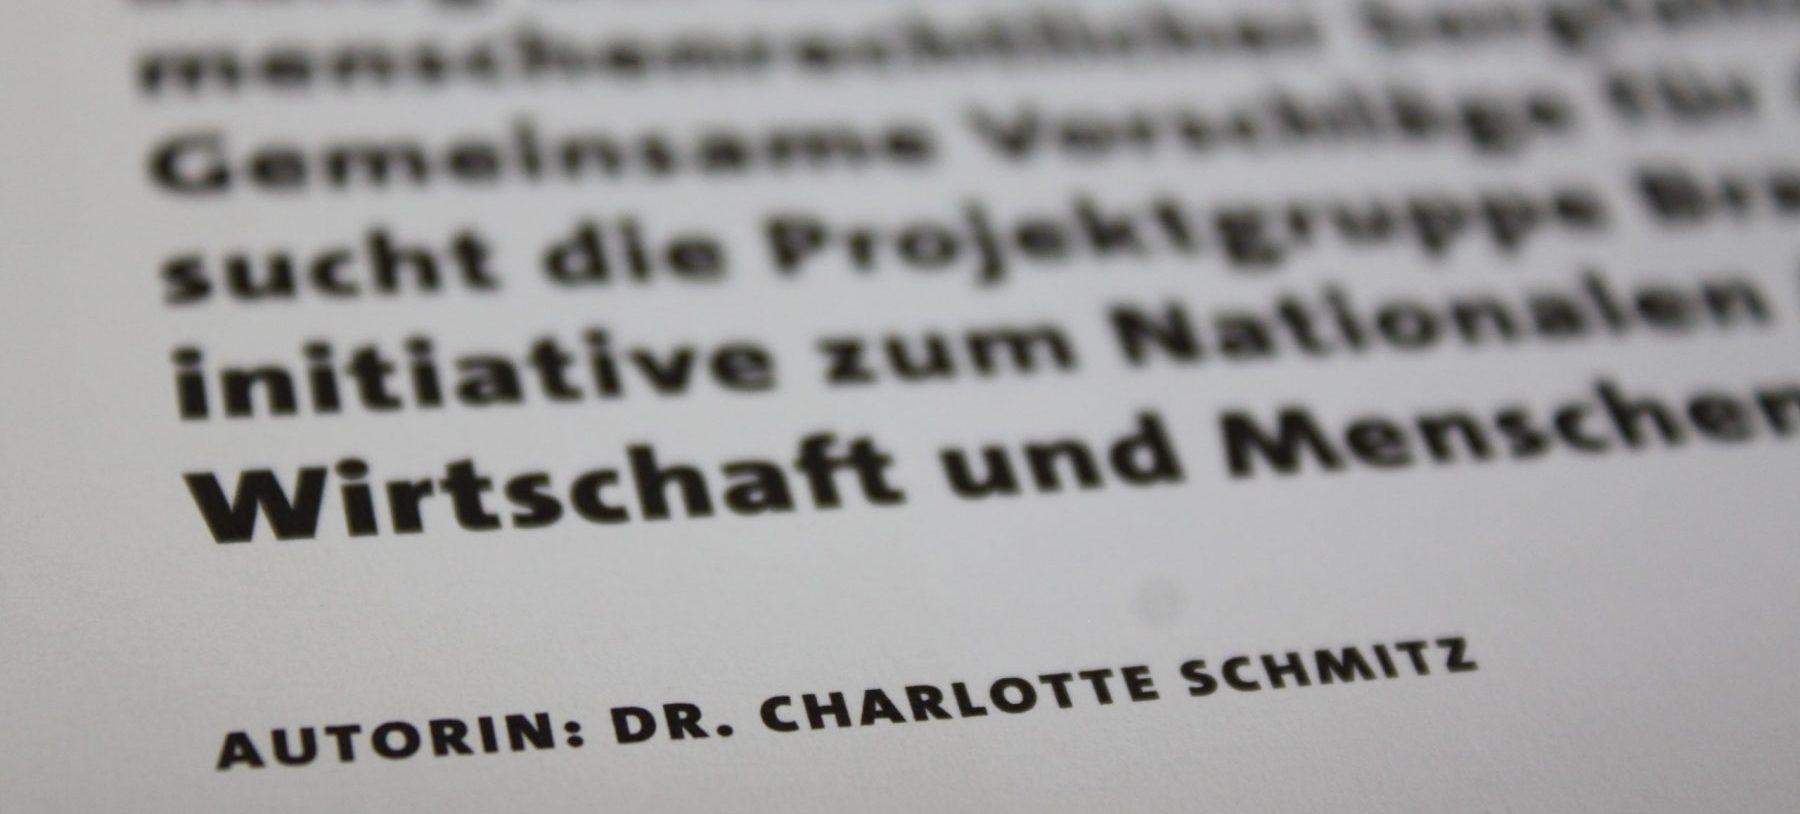 Dr. Charlotte Schmitz